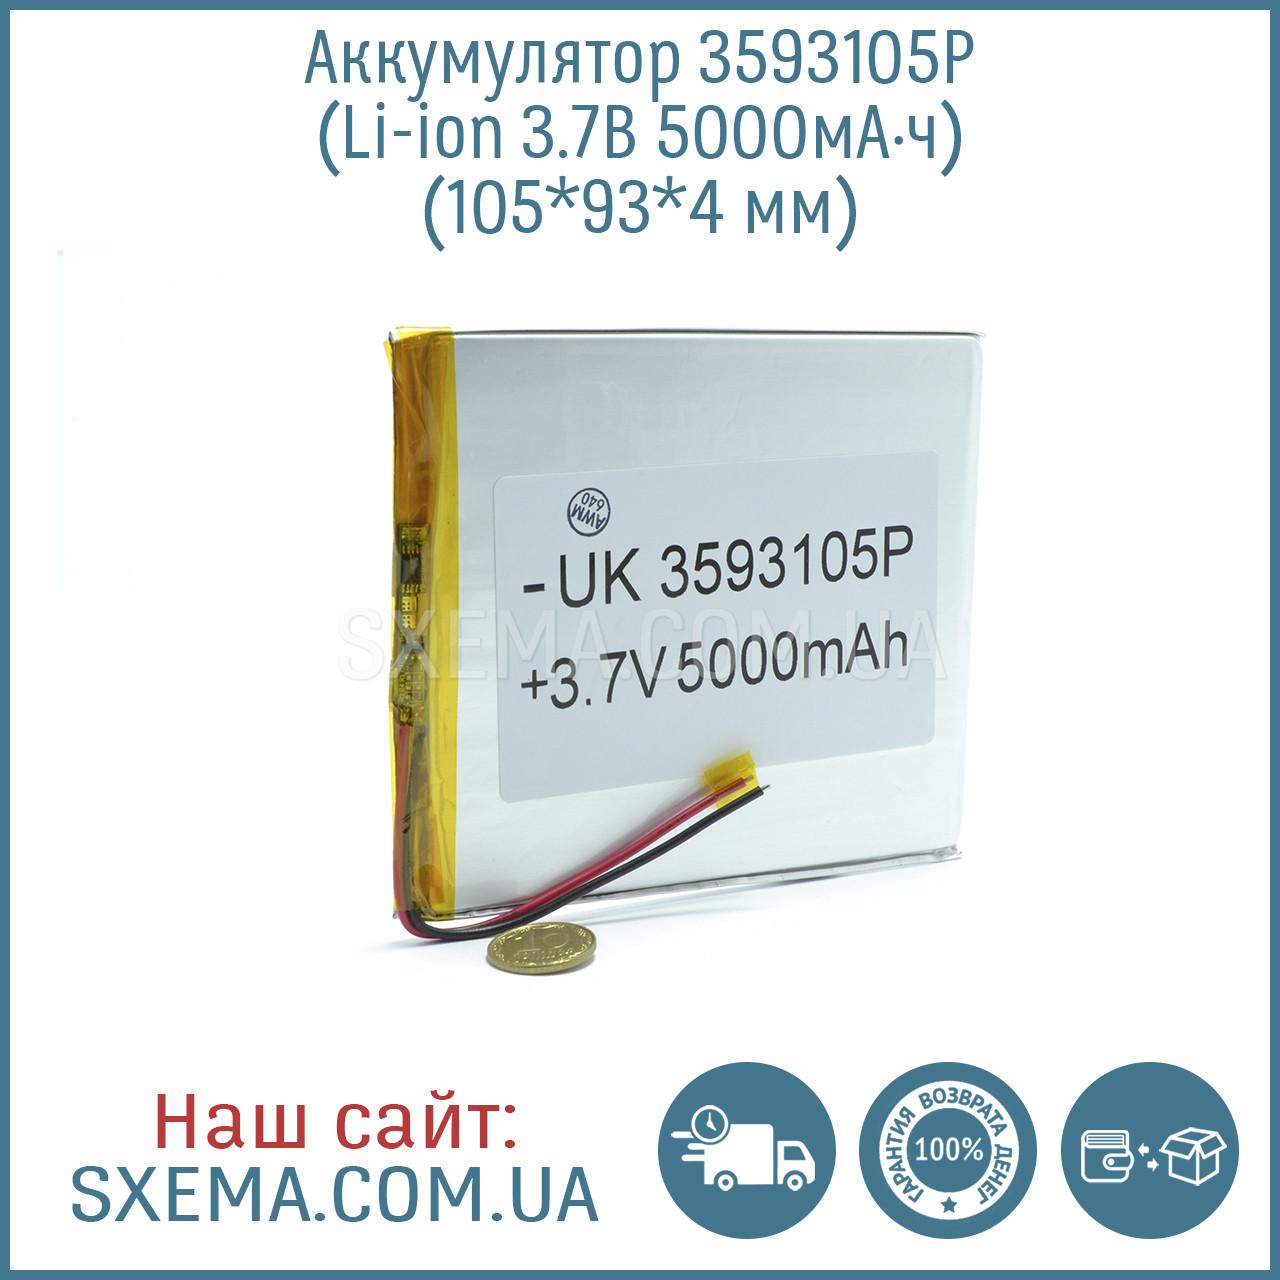 Аккумулятор универсальный 3593105    (Li-ion 3.7В 5000мА·ч), (105*93*4 мм)